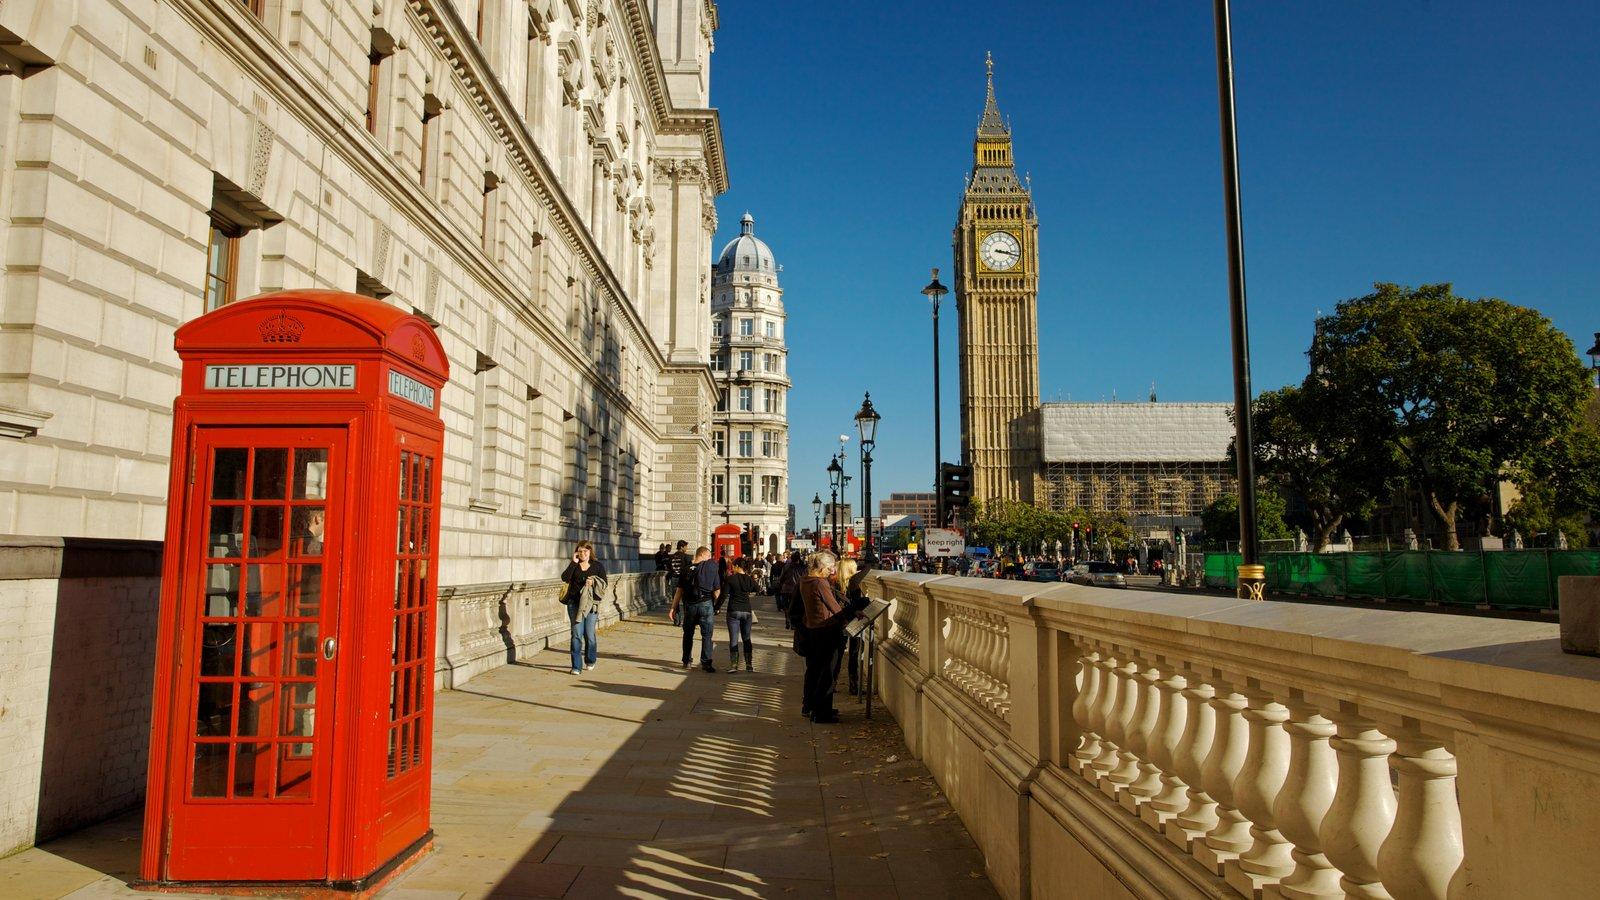 Big Ben mostrando cenas de rua, uma cidade e arquitetura de patrimônio